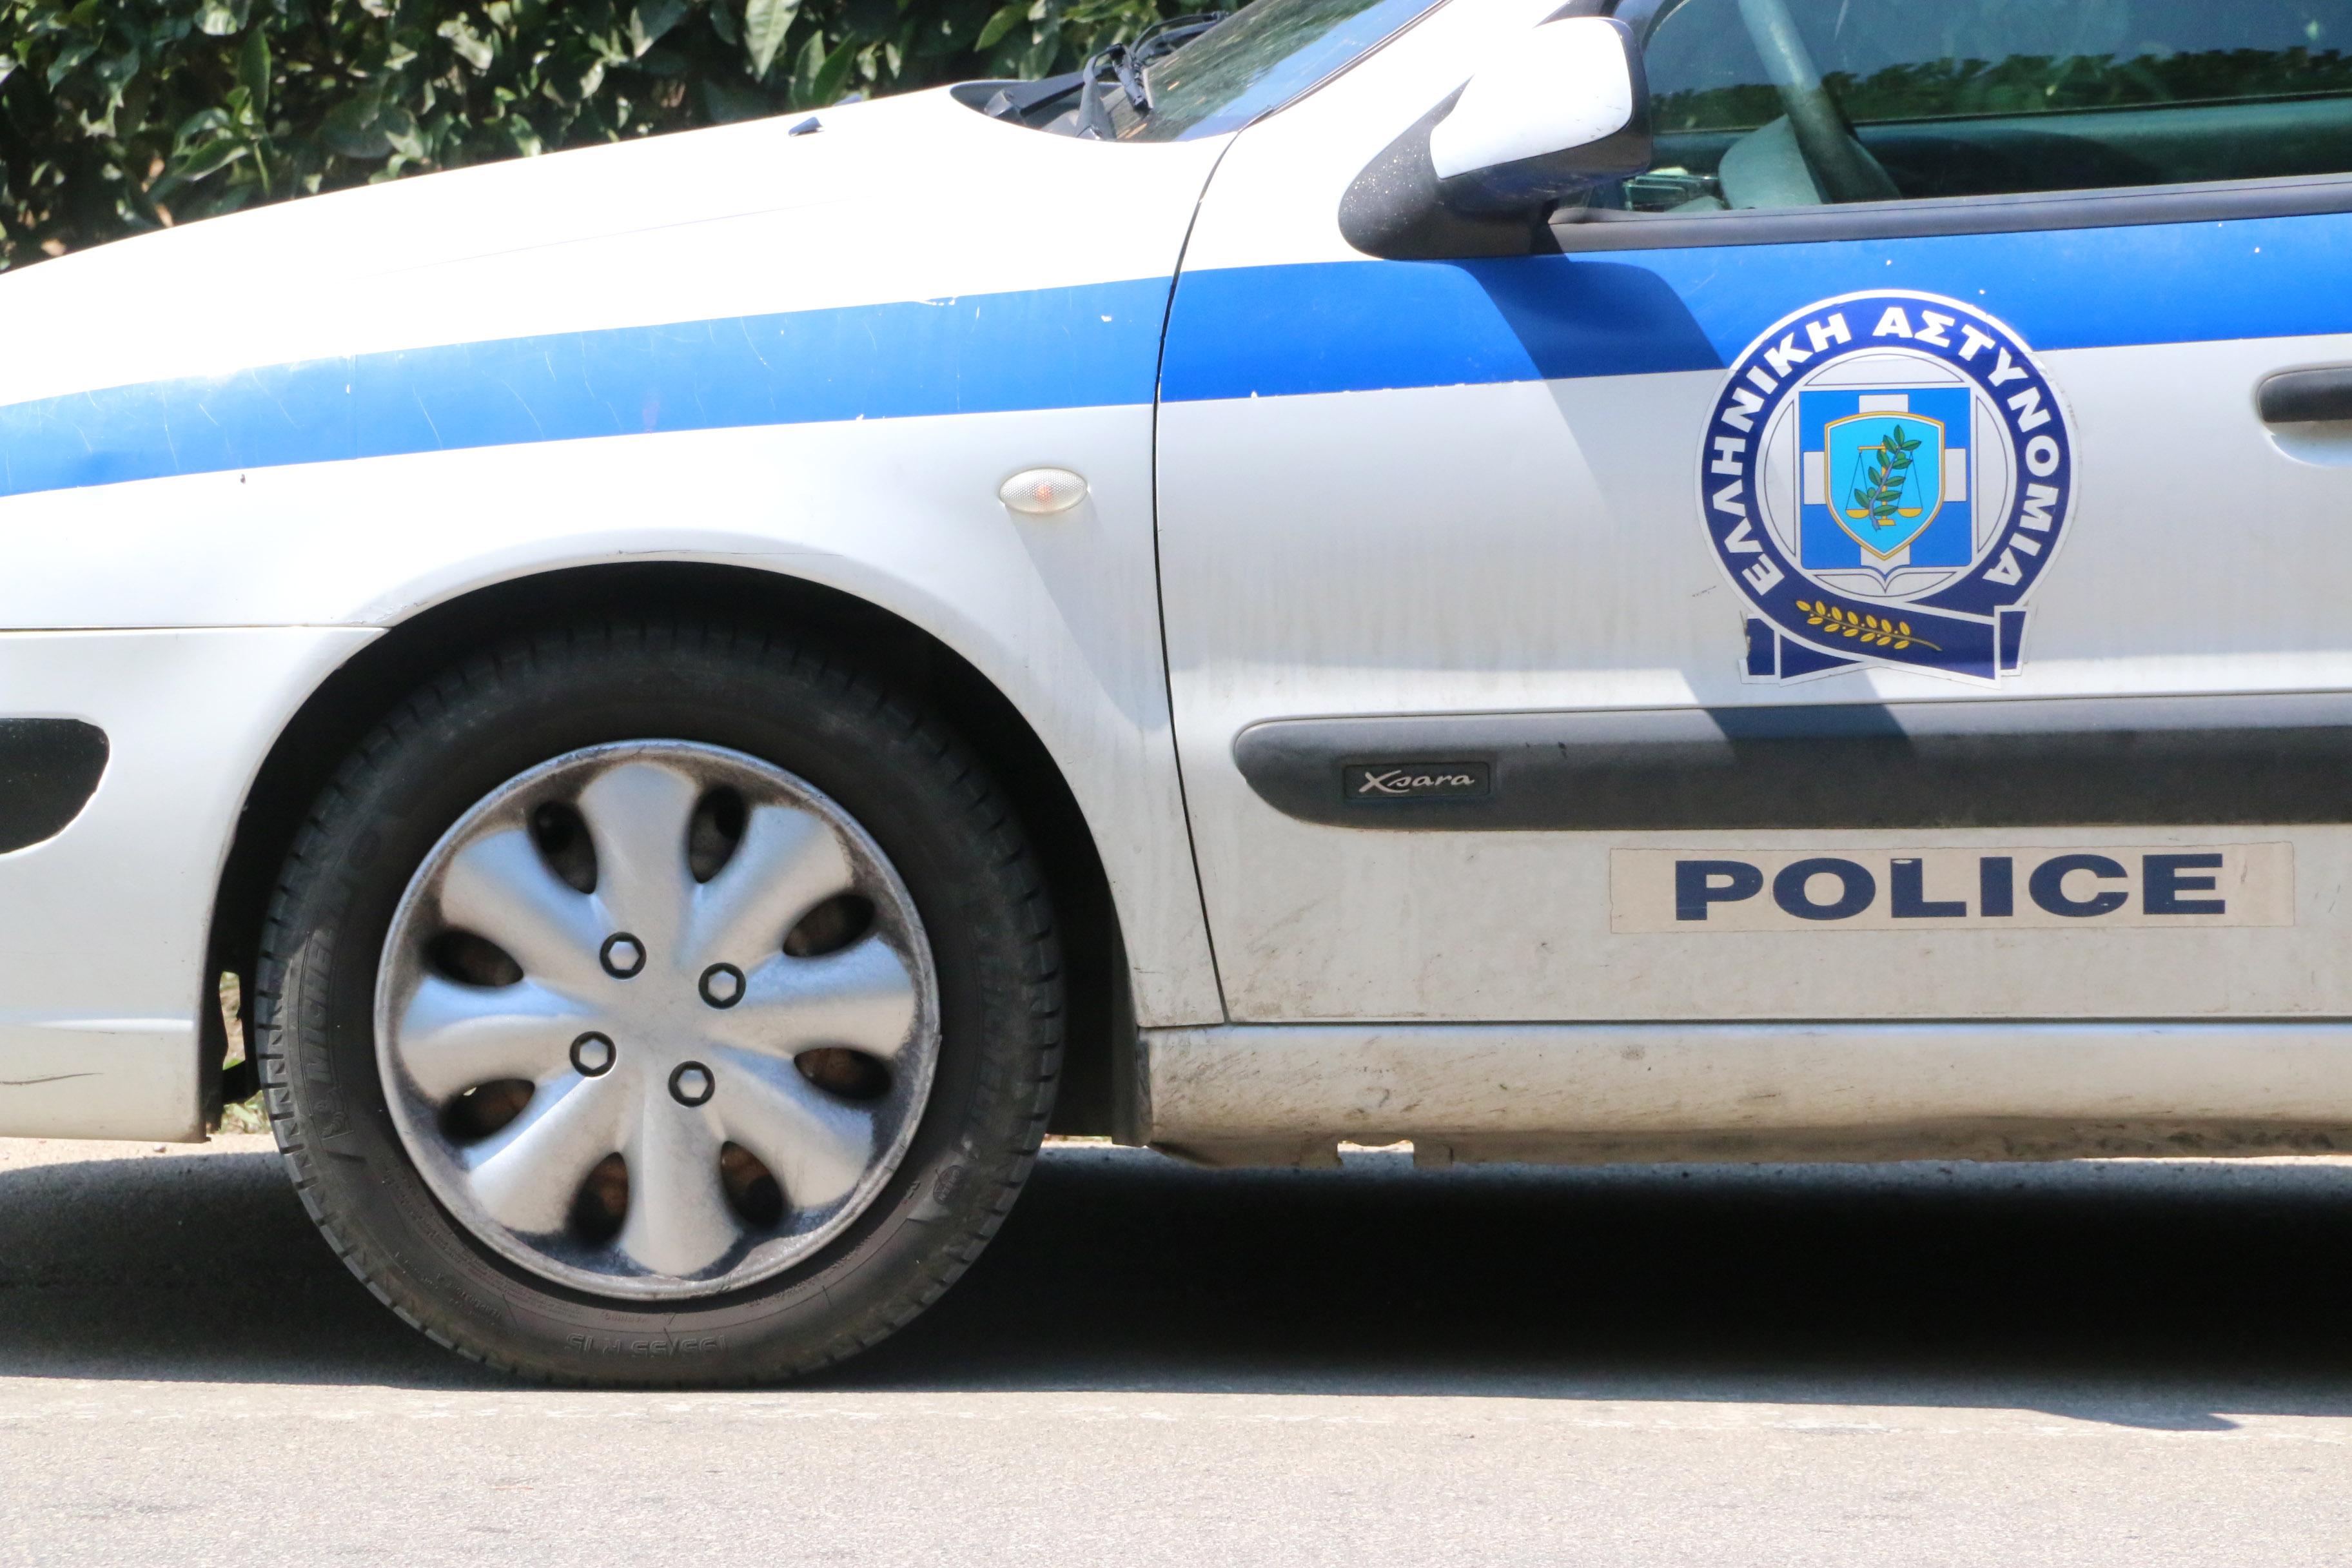 Βρέθηκε ο 12χρονος που είχε εξαφανιστεί στα Τρίκαλα | tovima.gr